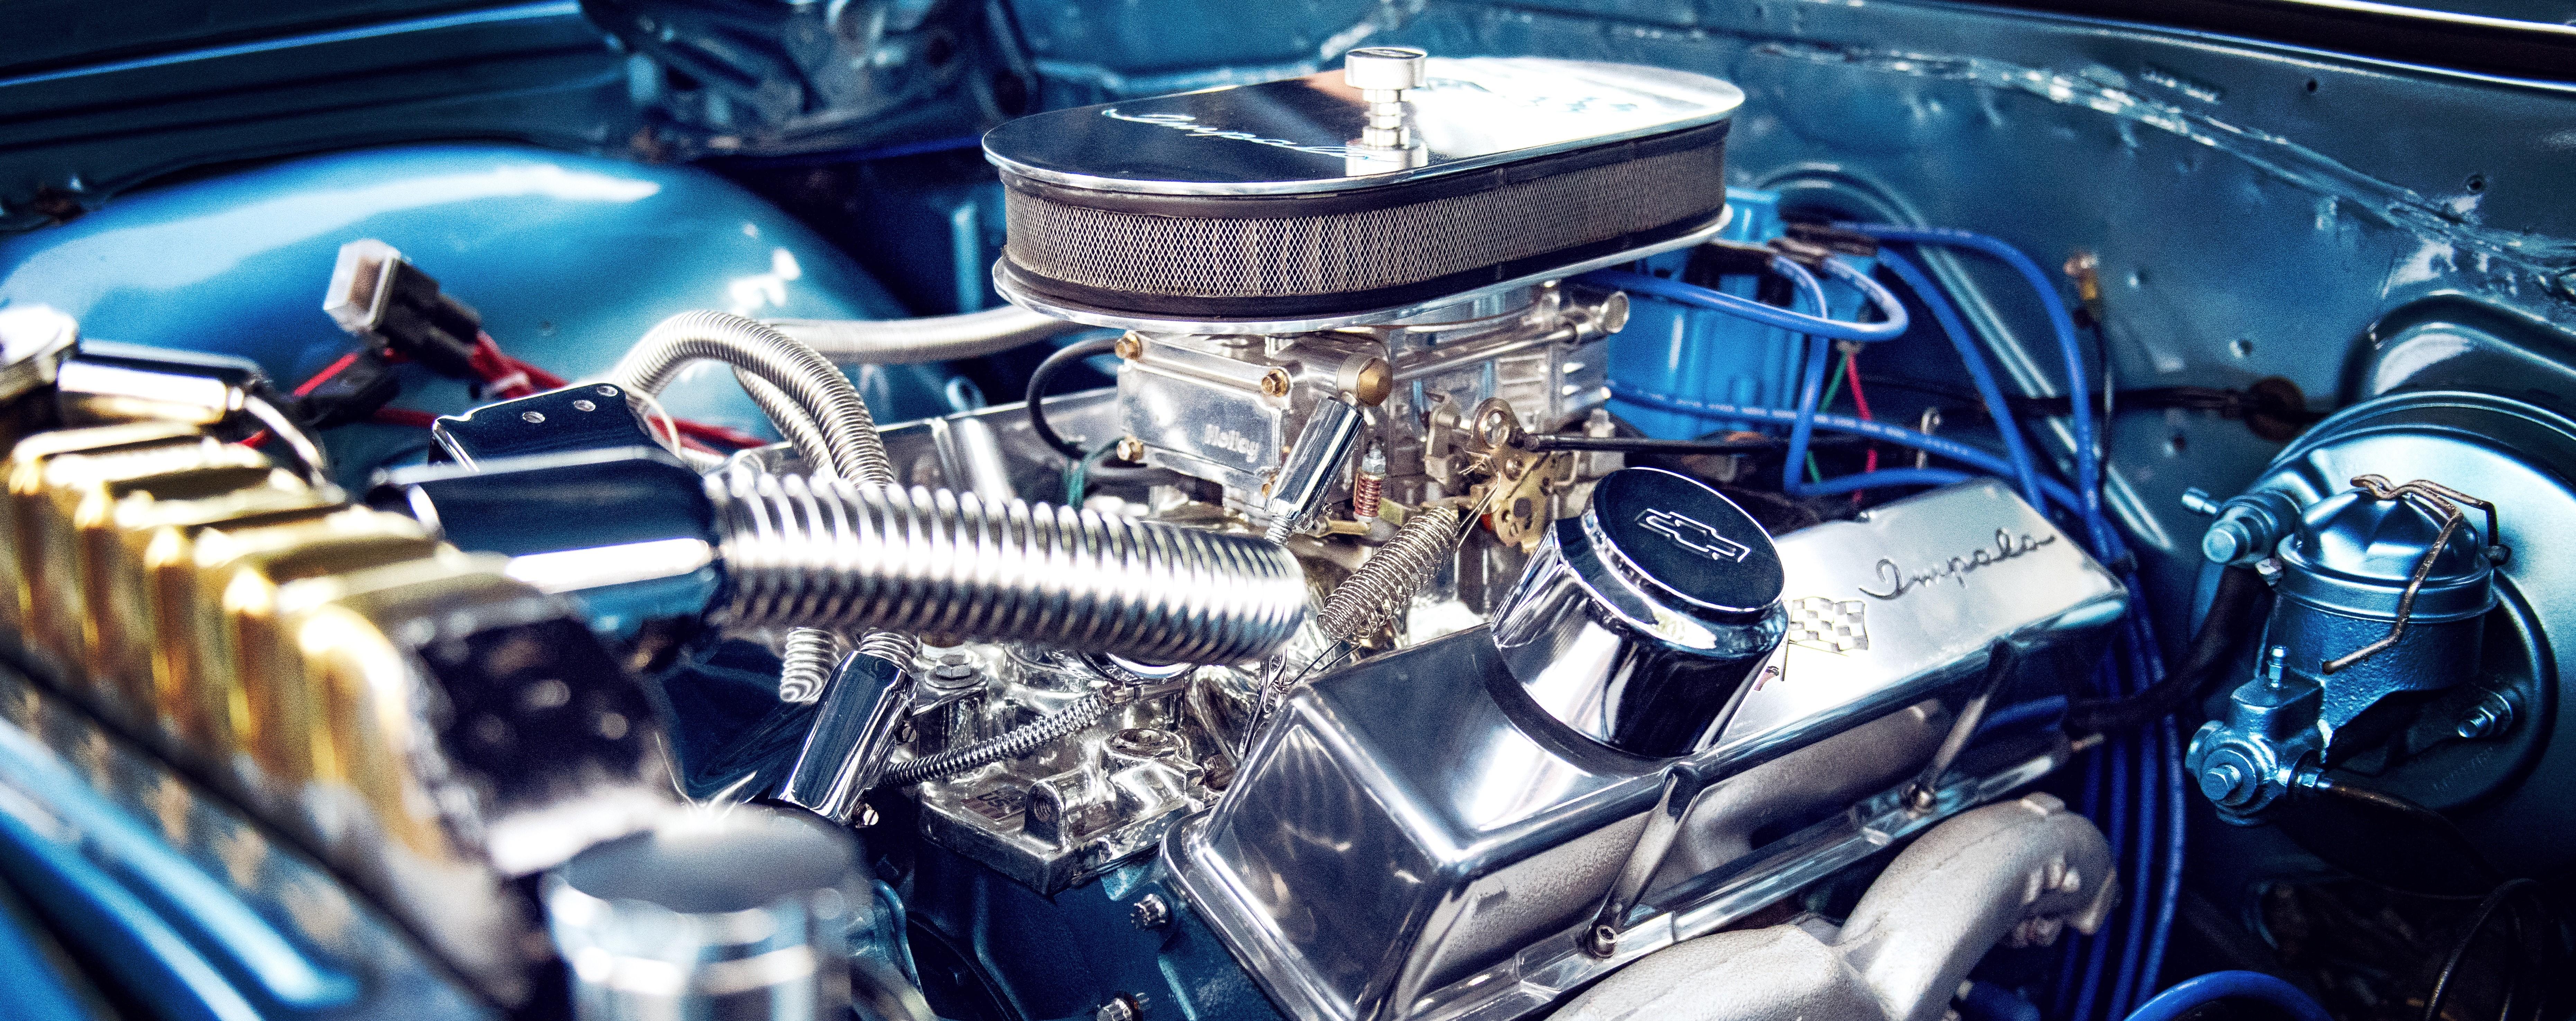 Auto MPG/tim-mossholder-680992-unsplash.jpg